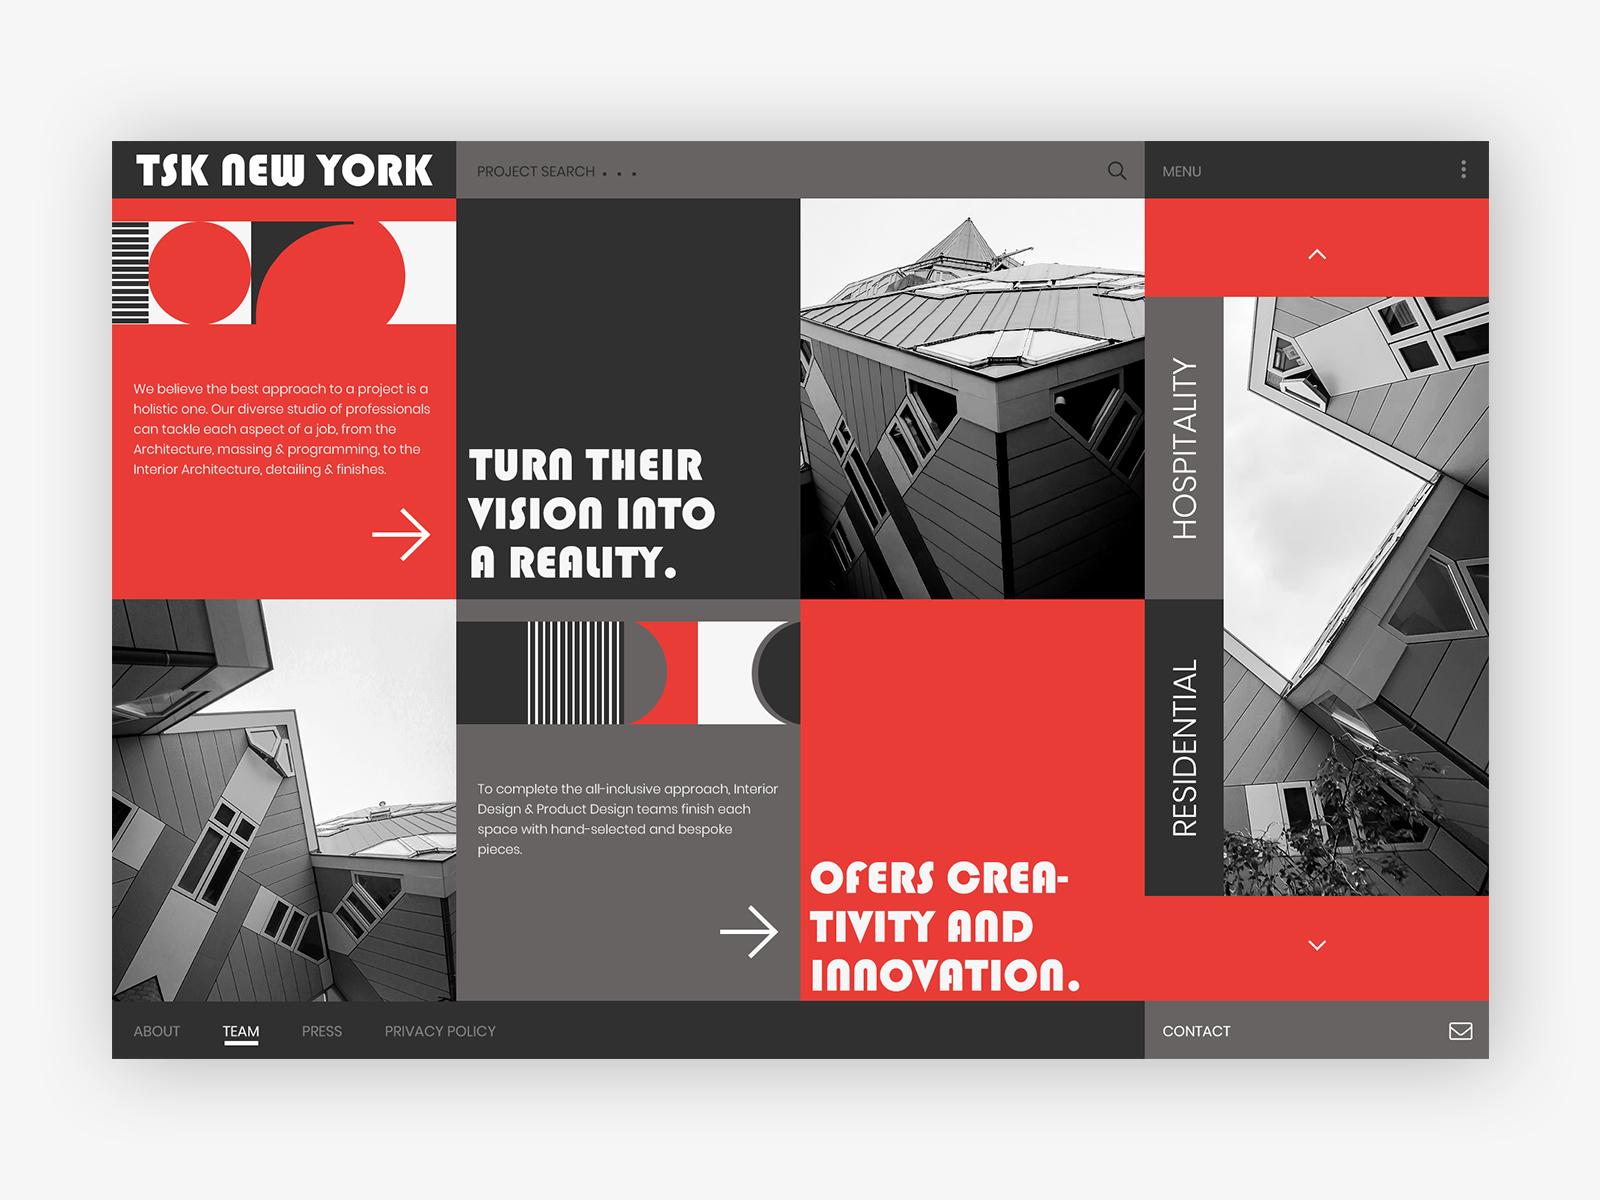 D architecture and interior design company webdesign concepts 018 19